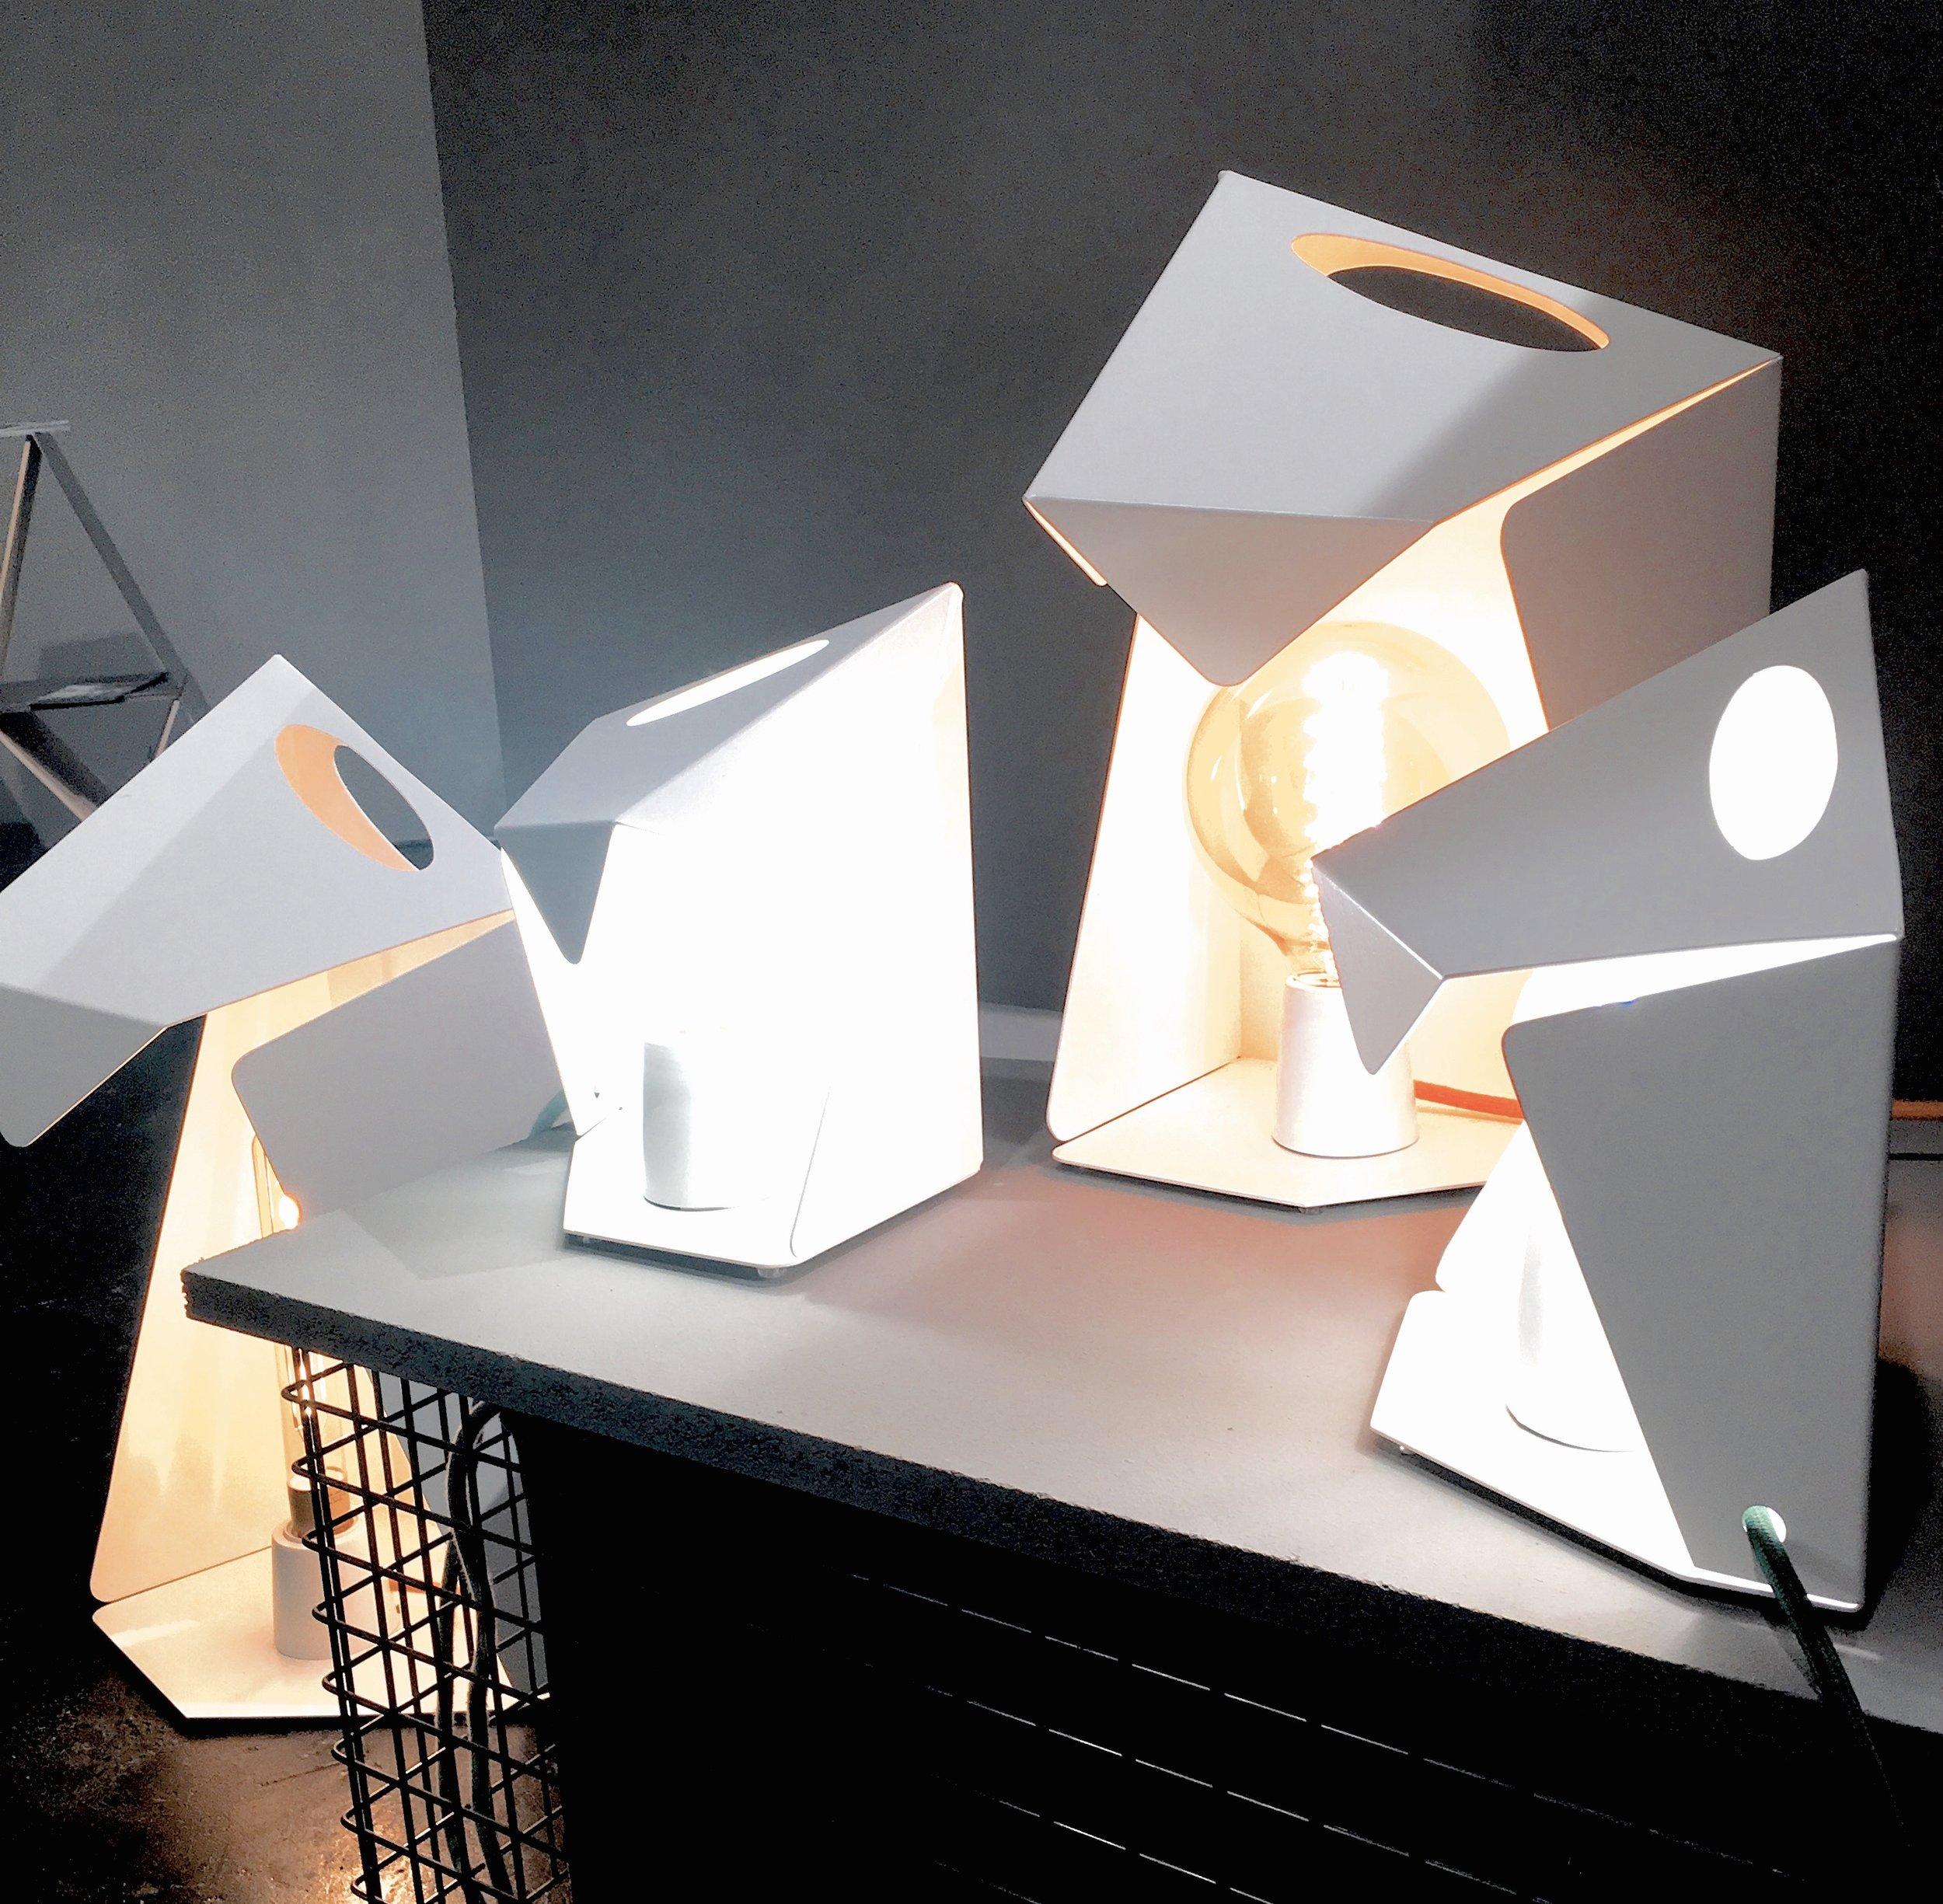 Die Tischleuchten aus Metall von Julia Lenz erinnern an Papiertüten, Foto: U. Latzke